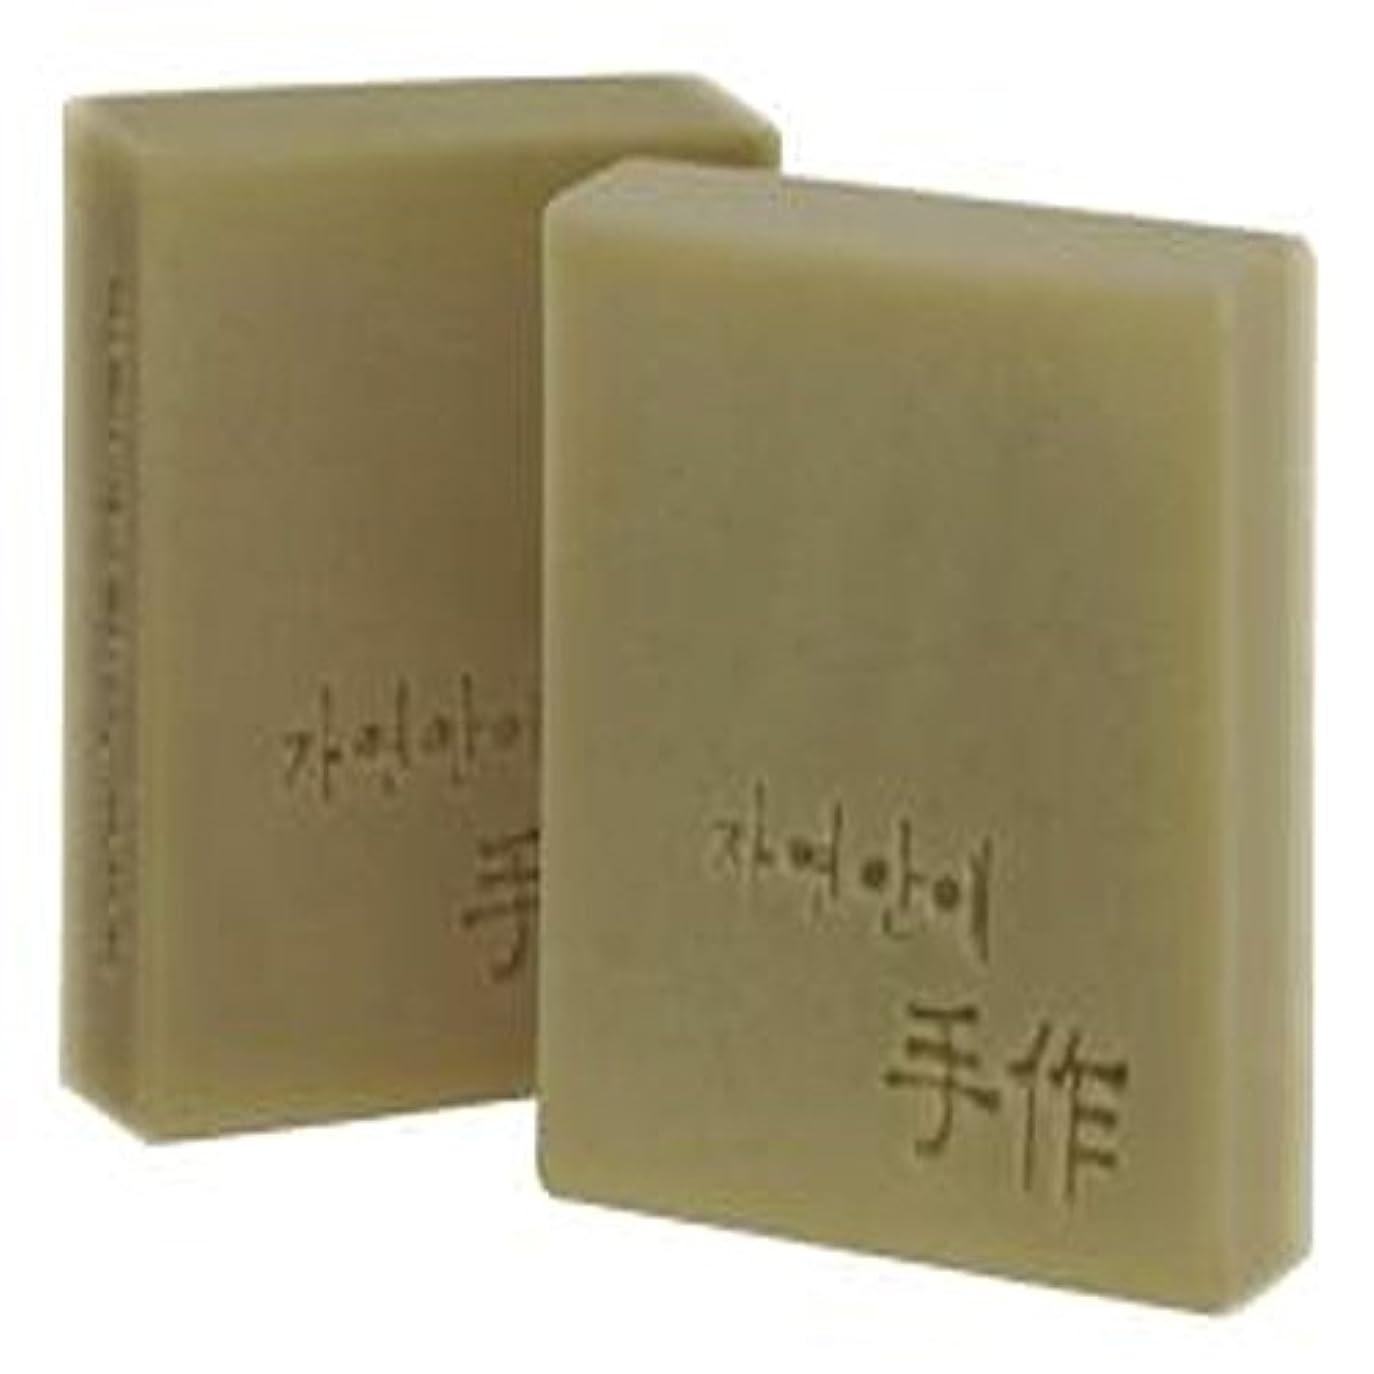 敬礼ジェットに負けるNatural organic 有機天然ソープ 固形 無添加 洗顔せっけんクレンジング 石鹸 [並行輸入品] (バナナ)